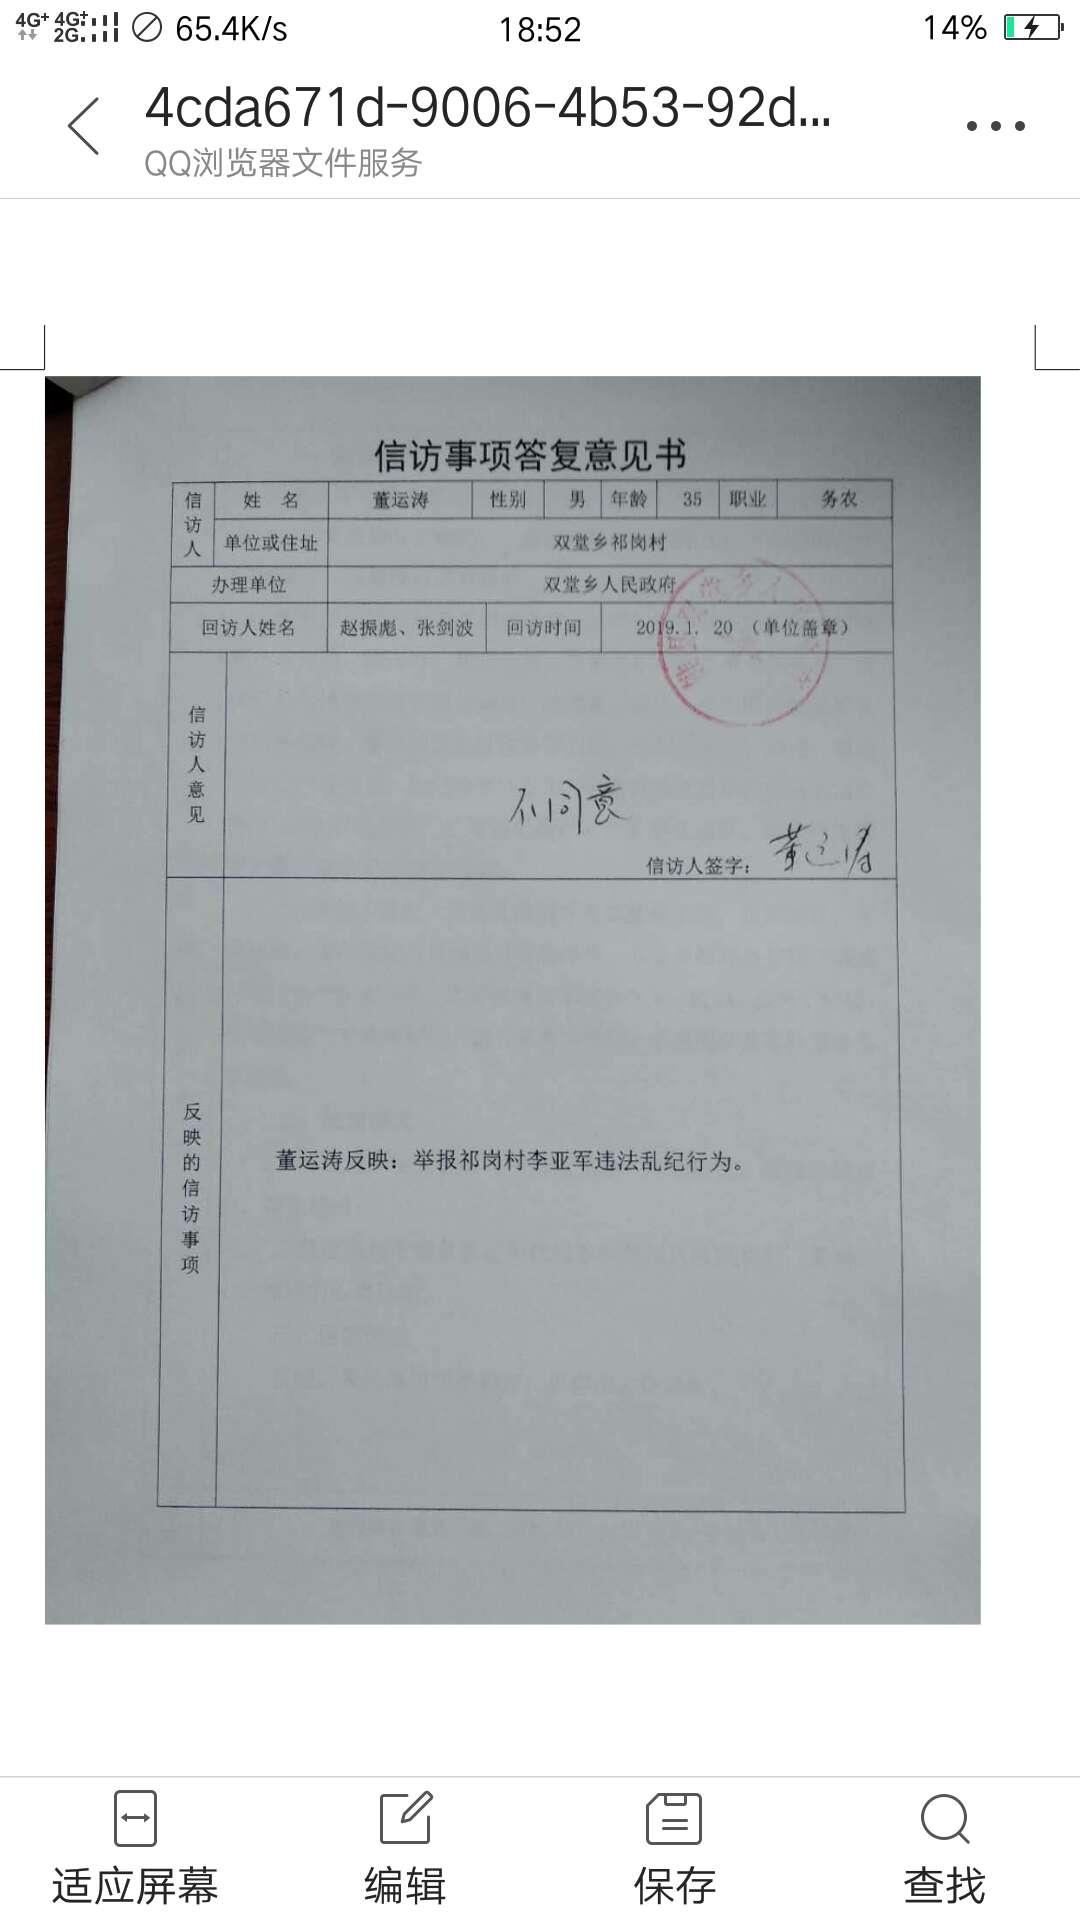 刘喜军_实名举报双堂乡党委书记刘喜军,欺骗国家信访局.